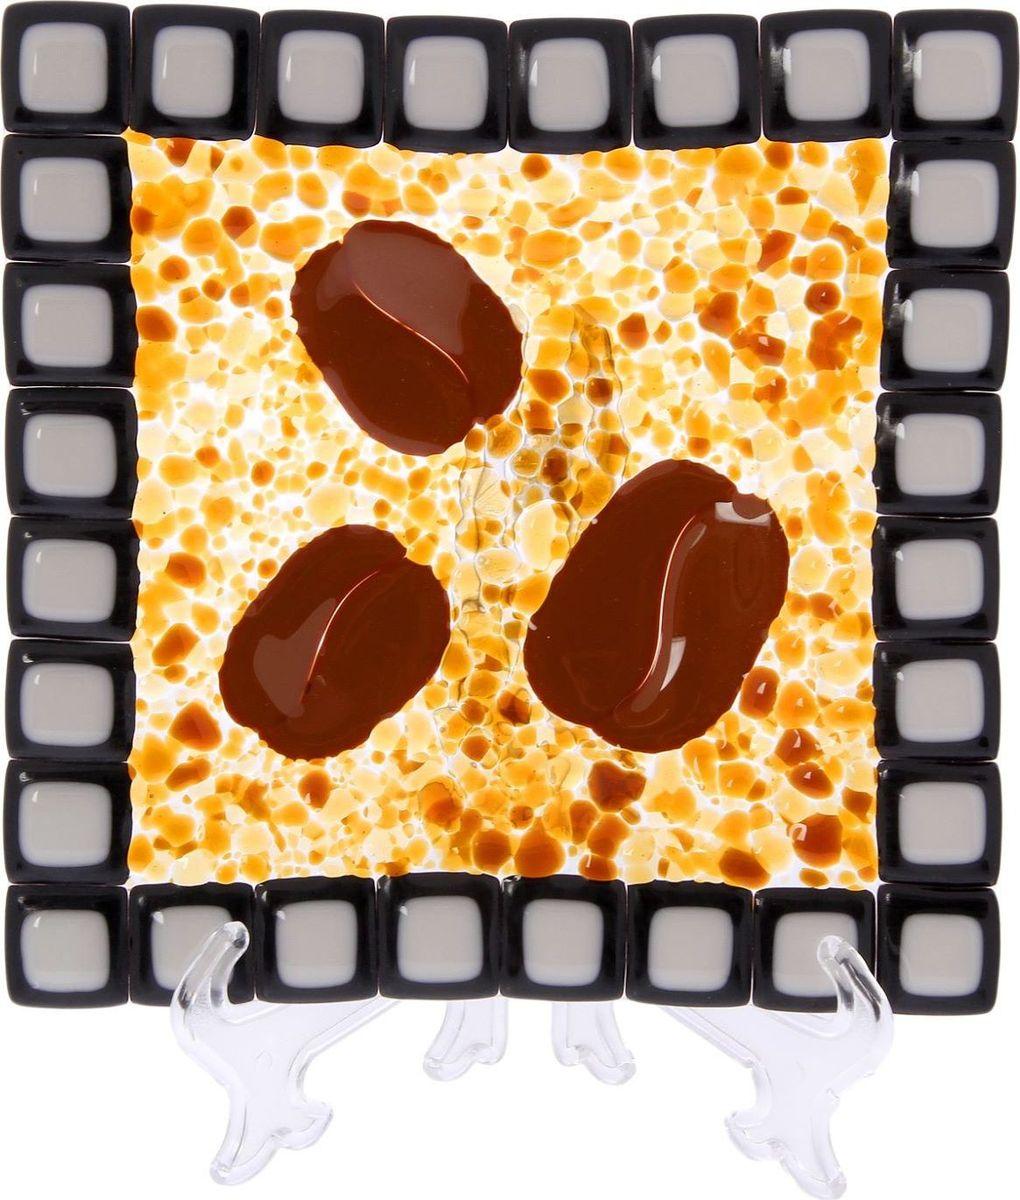 Тарелка Декостек Кофе, 21 см. 226175954 009312Оригинальная посуда — свидетельство особого отношения хозяев дома к гостям. Изделия изготовлены необычным образом: несколько видов стекла спекаются в печи при температуре около 800 градусов. В результате этого получается уникальный продукт, по внешнему виду сходный с витражом. Стекло, полученное с помощью фьюзинга, отличают особенная прозрачность и глубина цвета, оно сохраняет оттенок и не подвержено старению.Особенности предмета:тщательная обработка рельефа поверхности;высококачественный узор;высокая прочность – изделия можно мыть в посудомоечной машине.Такой предмет станет прекрасным подарком по любому случаю. В комплект входит подставка и декоративная коробка.